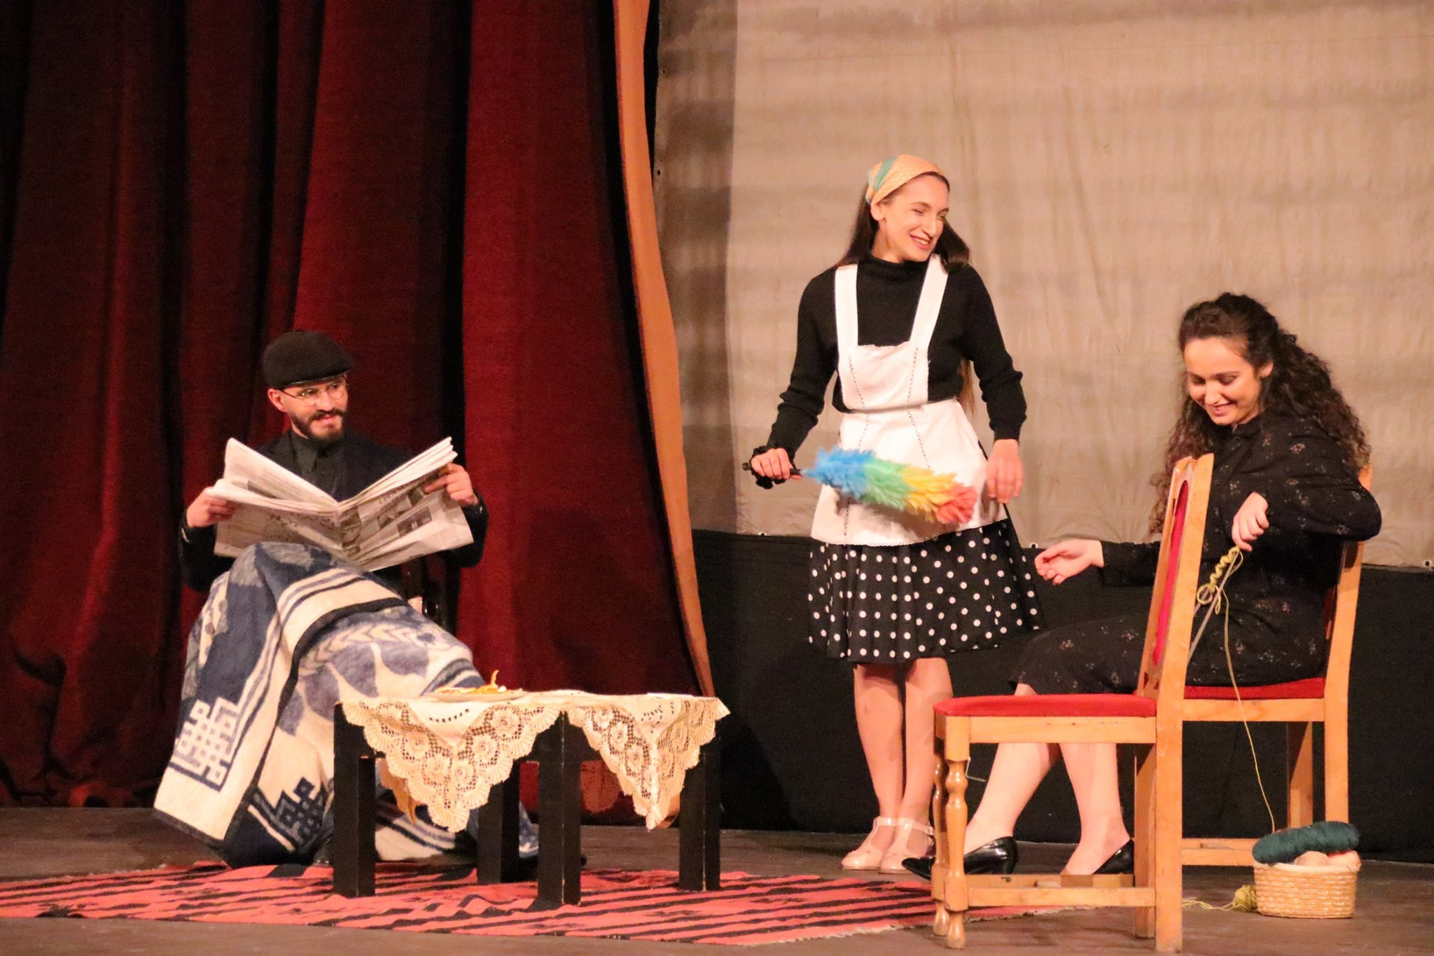 """Shfaqja """"Këngëtarja Tullace"""" në Teatrin Kombëtar në Tiranë; në role Ervis Biba, Irena Keçi, Desara Hyseni. Foto: Aurora Leka."""